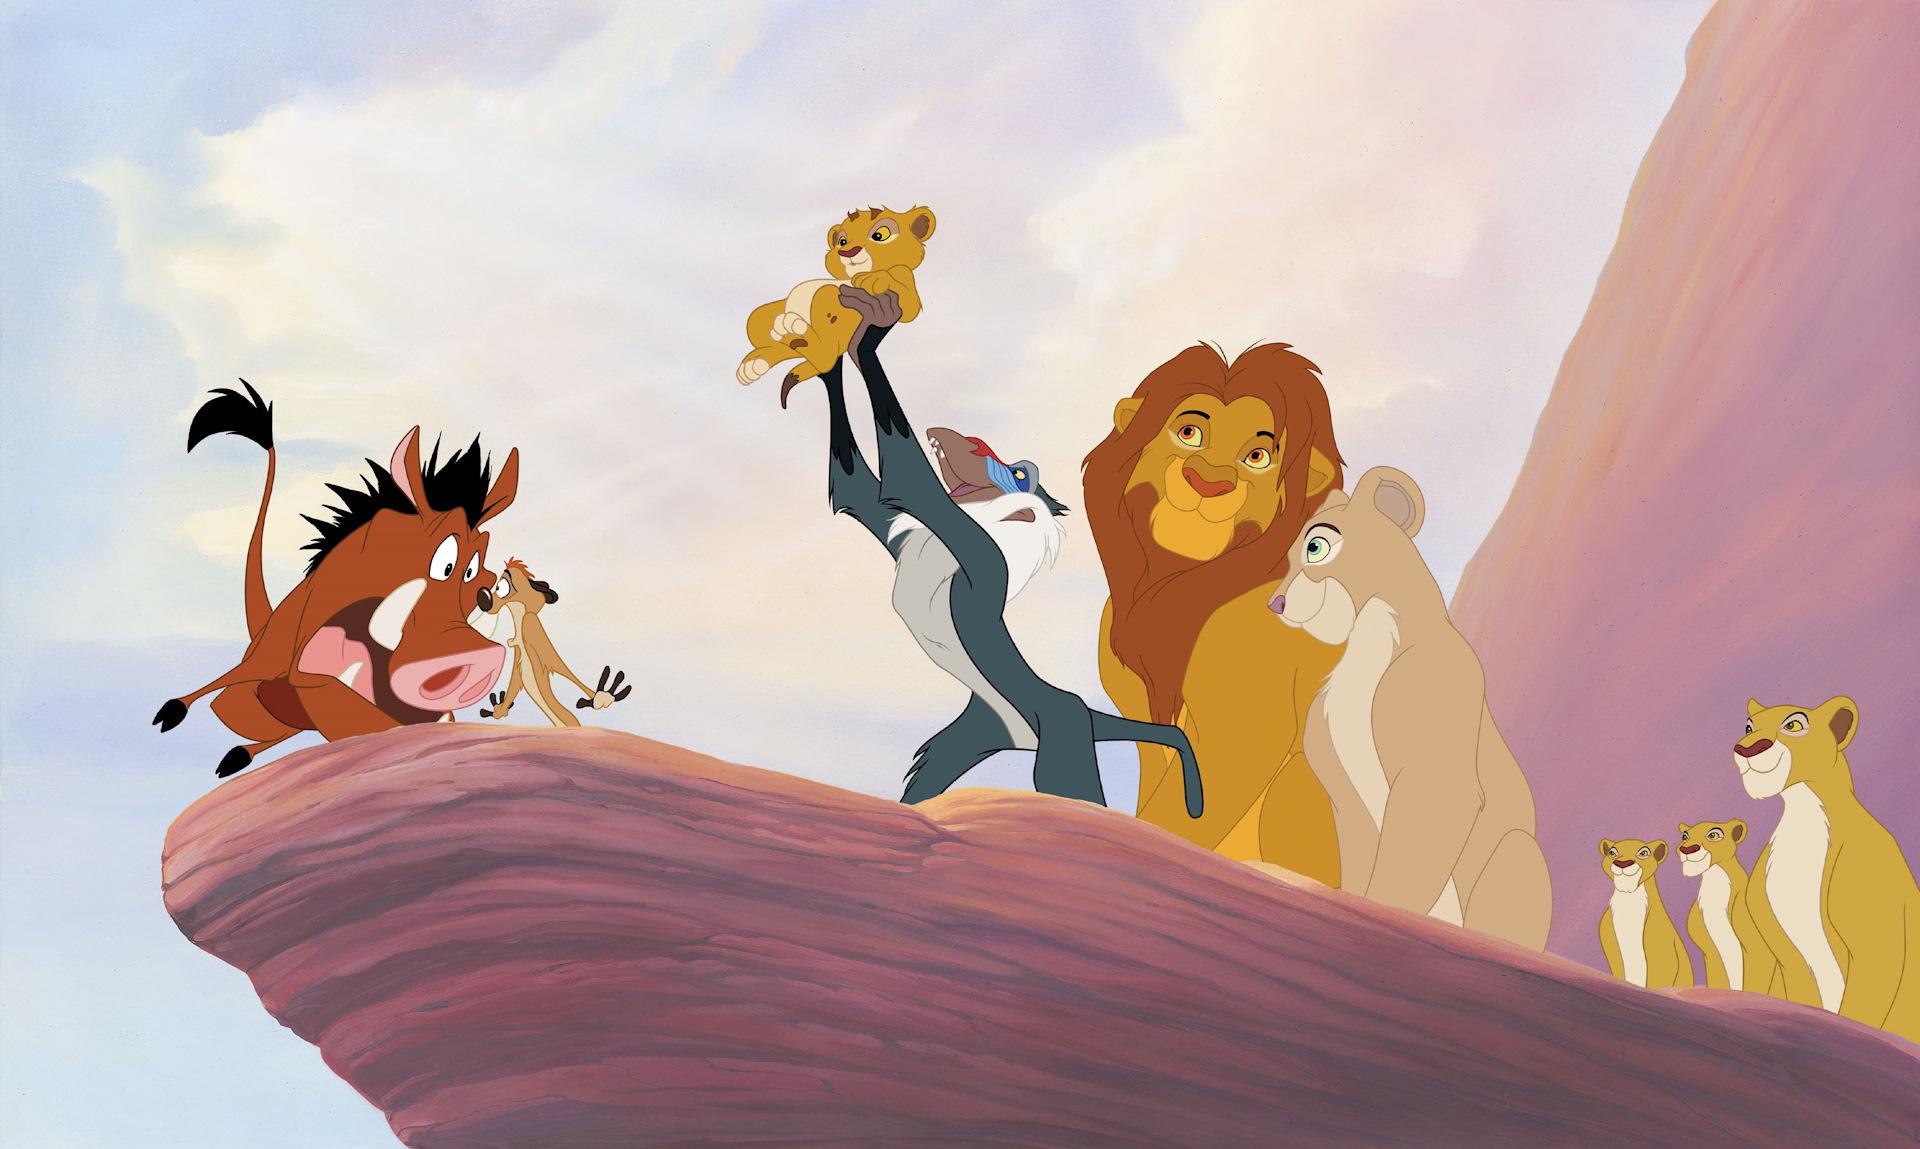 здесь картинка короля льва на скале унижение мерзость вот